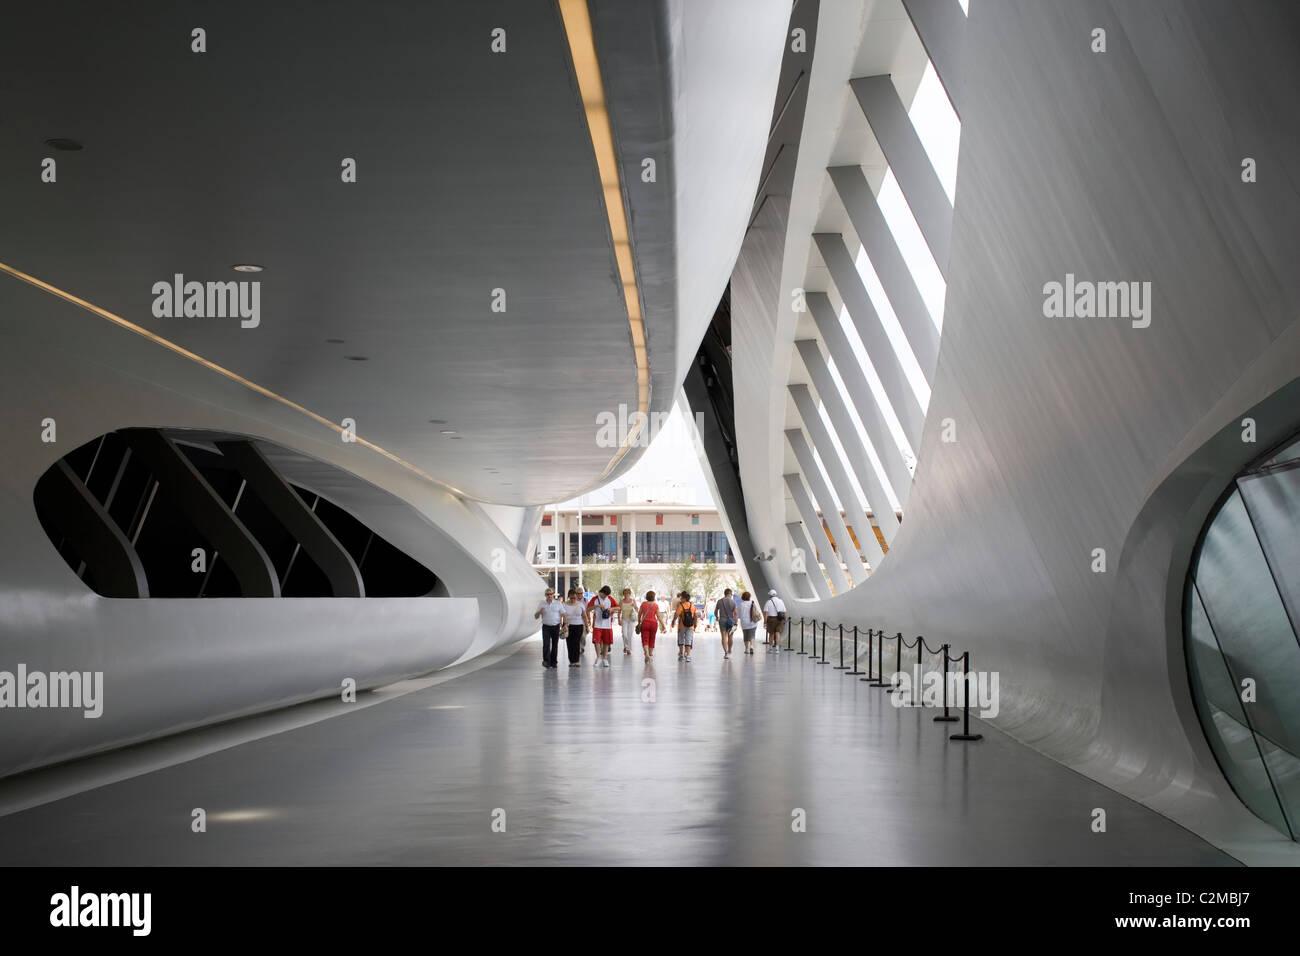 Bridge Pavilion, Expo Zaragoza 2008, Zaragoza. - Stock Image